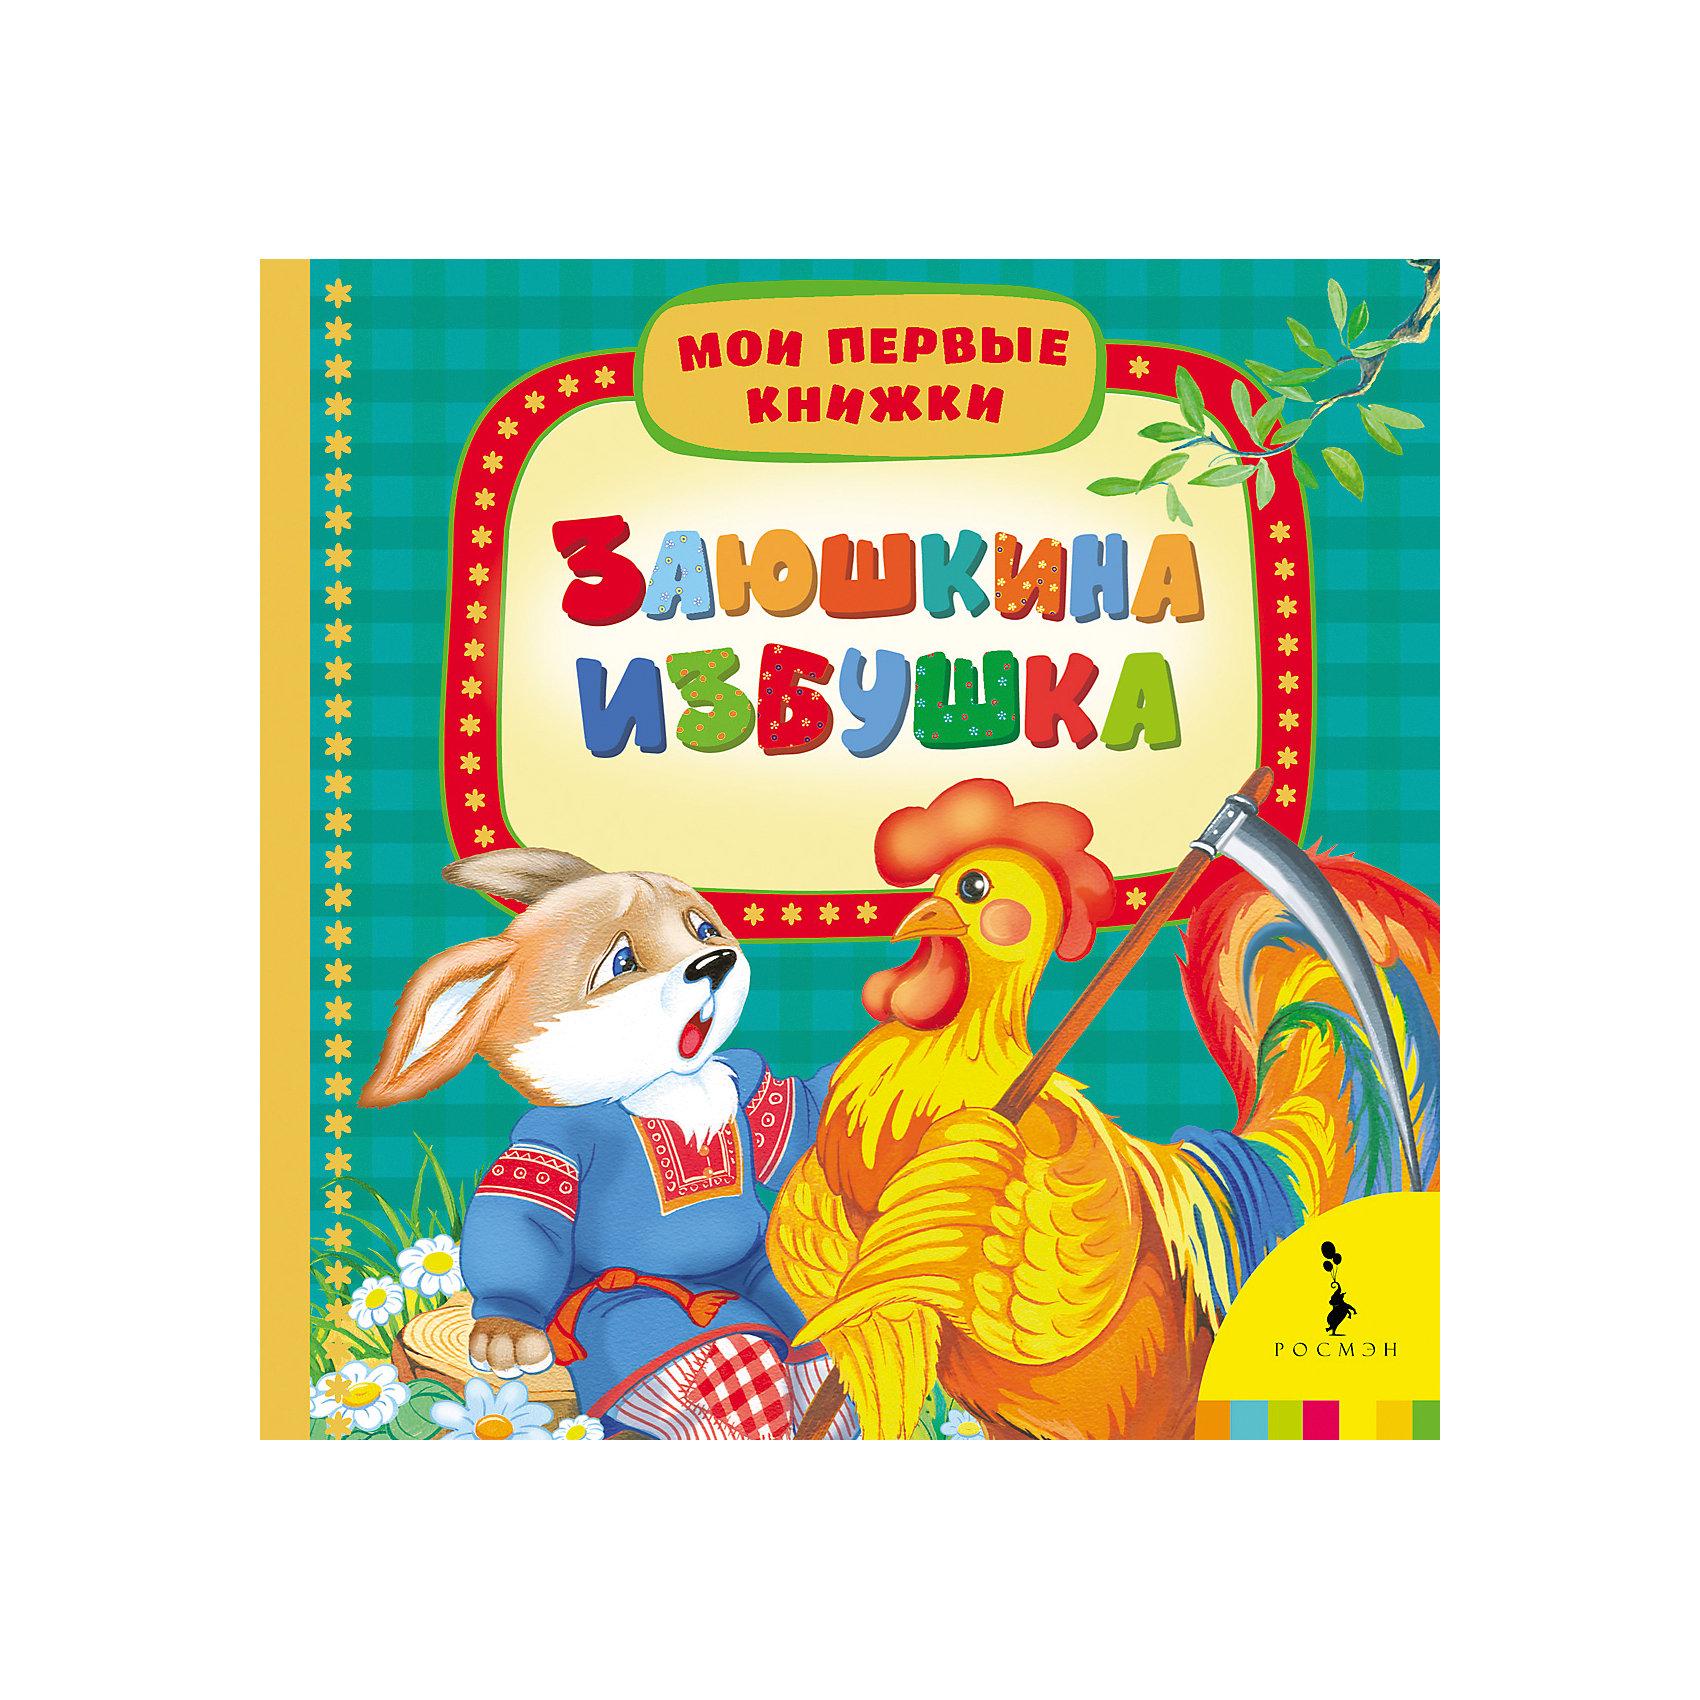 Росмэн Заюшкина избушка, Мои первые книжки книжки картонки росмэн первые книжки малыша гадкий утёнок